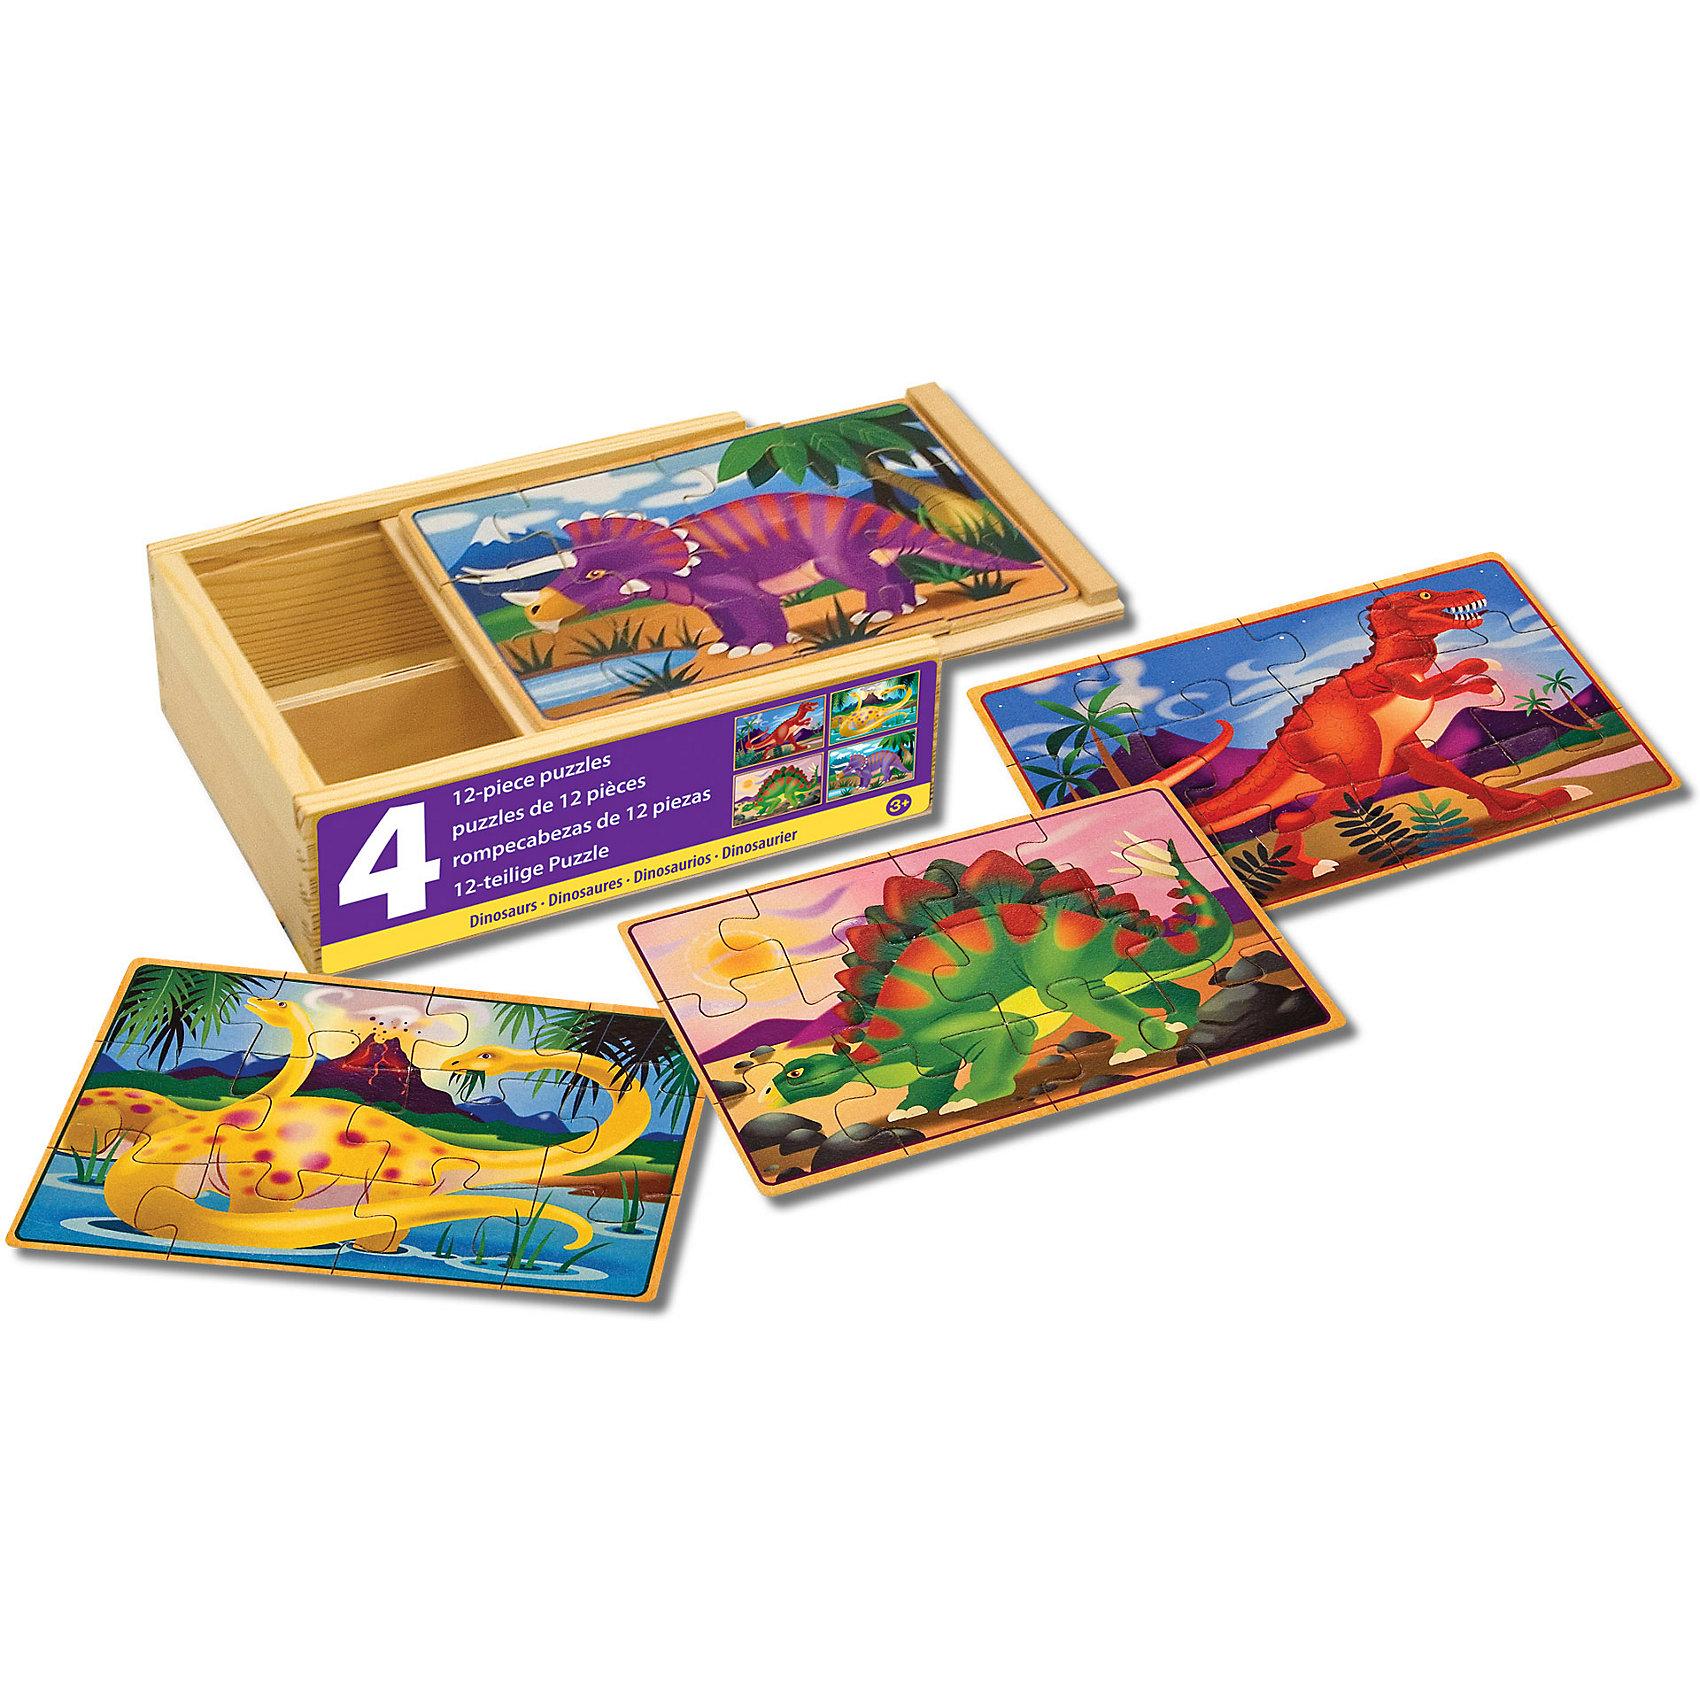 Деревянные пазлы Динозавры, 4х12, Melissa &amp; DougПазлы - отличная игра! Они активно развивают пространственно-образное мышление и мелкую моторику, учат составлять целое из нескольких частей, активизируют логику и воображение. Деревянные пазлы Динозавры от ведущего мирового производителя детских игрушек - компании Melissa &amp; Doug обладают следующими особенностями:<br>- экологически чистые материалы, приятные на ощупь, безопасные красители;<br>- яркие цвета;<br>- 4 изображения: трицератопс, Т-Рекс, стегозавр и апатозавр; <br>- каждая картинка состоит из 12 частей и обладает своей уникальной кодировкой на обратной стороне, что существенно облегчает сортировку;<br>- прочный деревянный ящик с 4 отсеками - для каждого динозавра свой.<br>Замечательная игра для детей и взрослых!<br><br>Дополнительная информация:<br>- Вес: 453 гр;<br>- Габариты: 150х190х60 мм;<br>- Рекомендуемый возраст: от 1 года с участием взрослых. <br><br>Деревянные пазлы Динозавры Melissa &amp; Doug можно купить в нашем магазине<br><br>Ширина мм: 150<br>Глубина мм: 190<br>Высота мм: 60<br>Вес г: 453<br>Возраст от месяцев: 36<br>Возраст до месяцев: 72<br>Пол: Унисекс<br>Возраст: Детский<br>Количество деталей: 12<br>SKU: 3927705